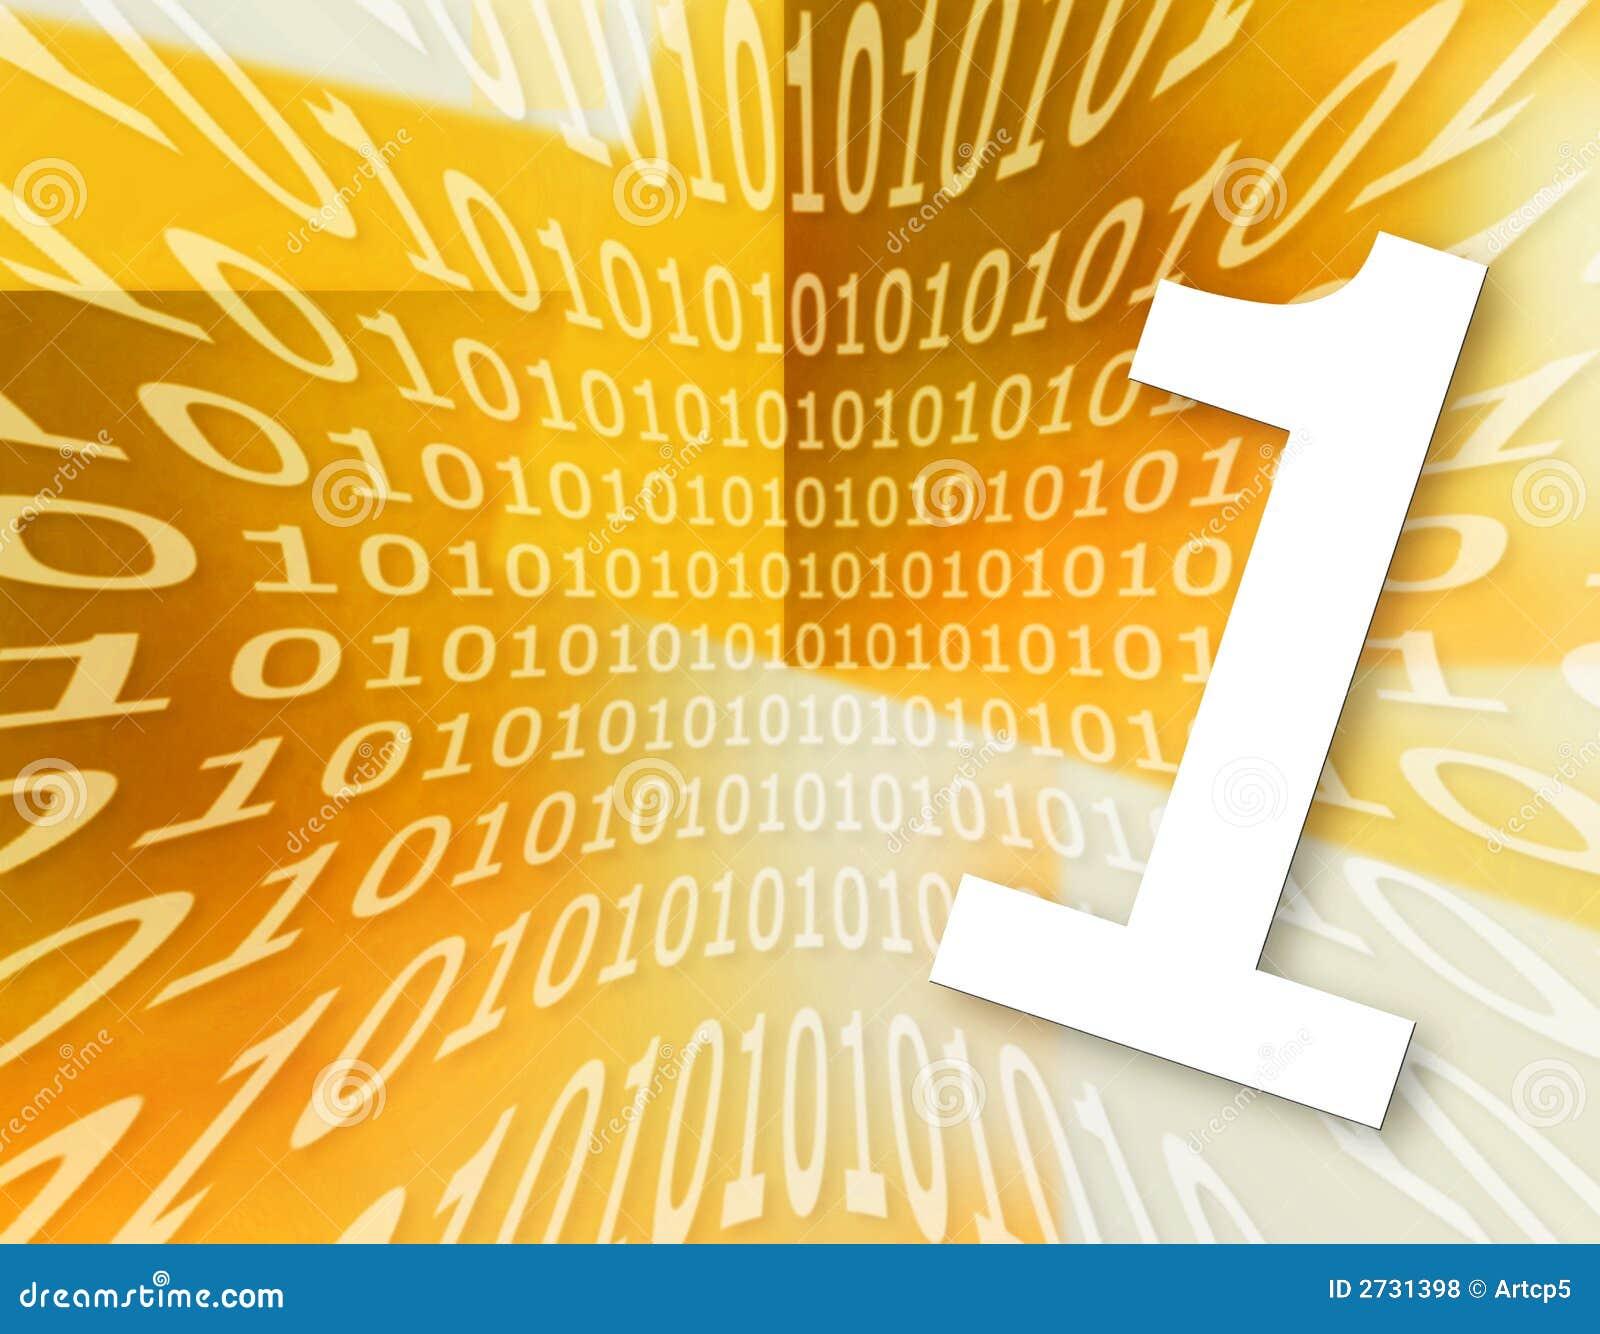 Texture de code binaire